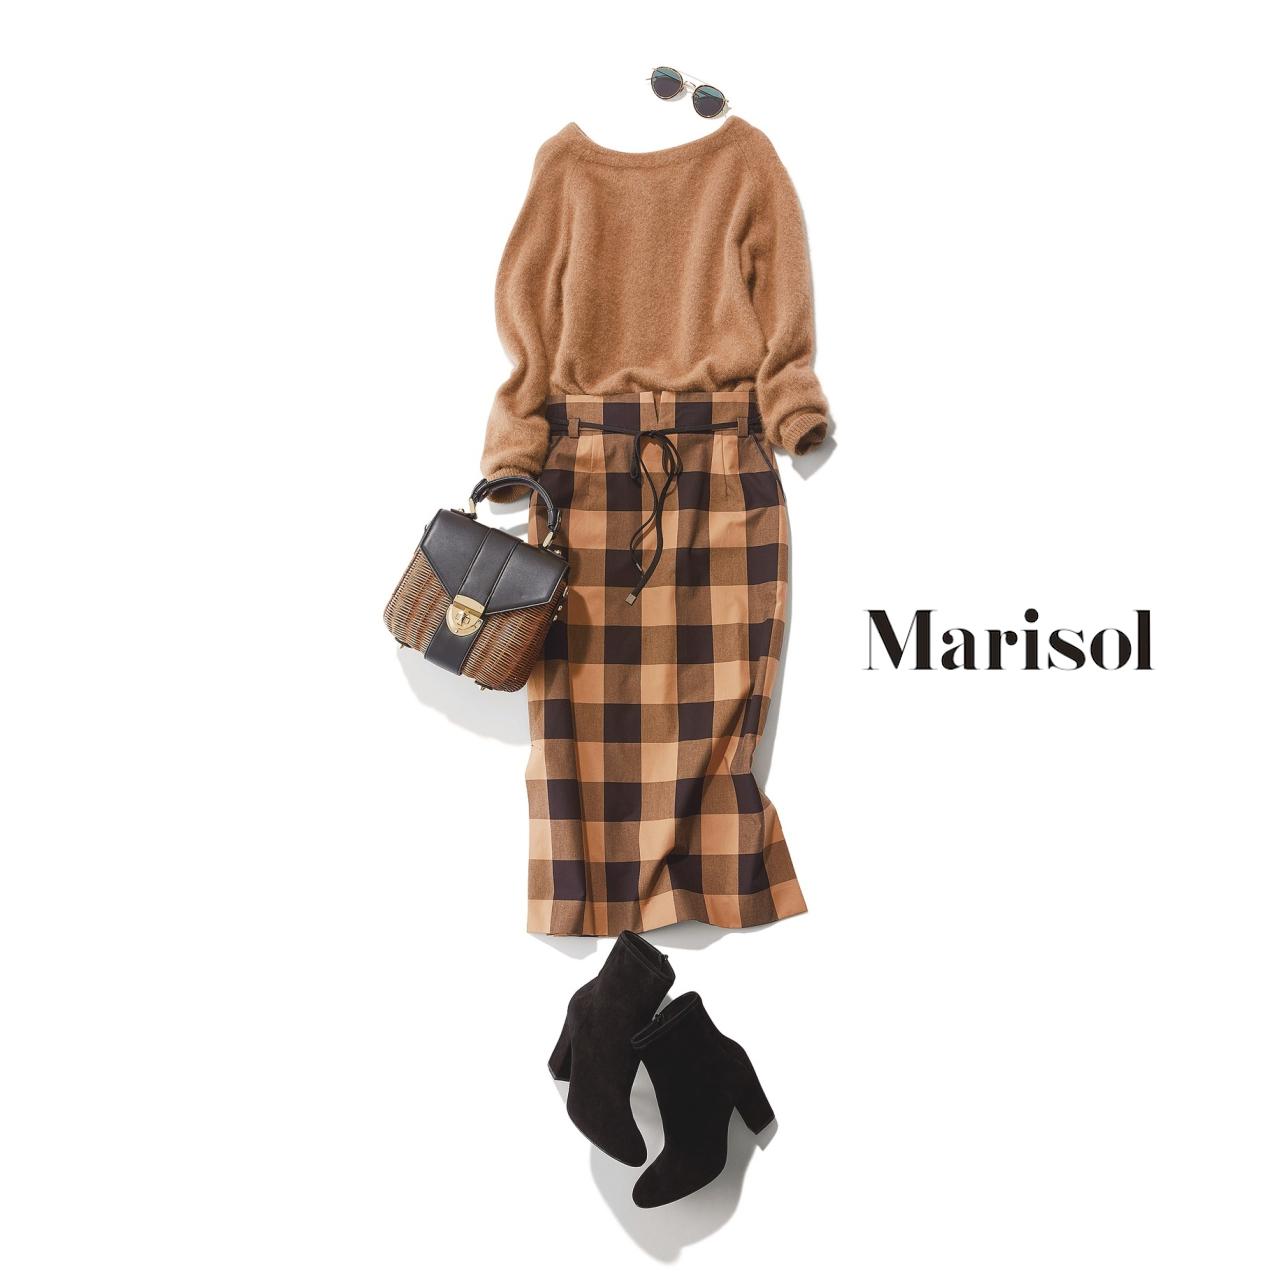 40代ファッションベージュニット×チェック柄スカートコーデ